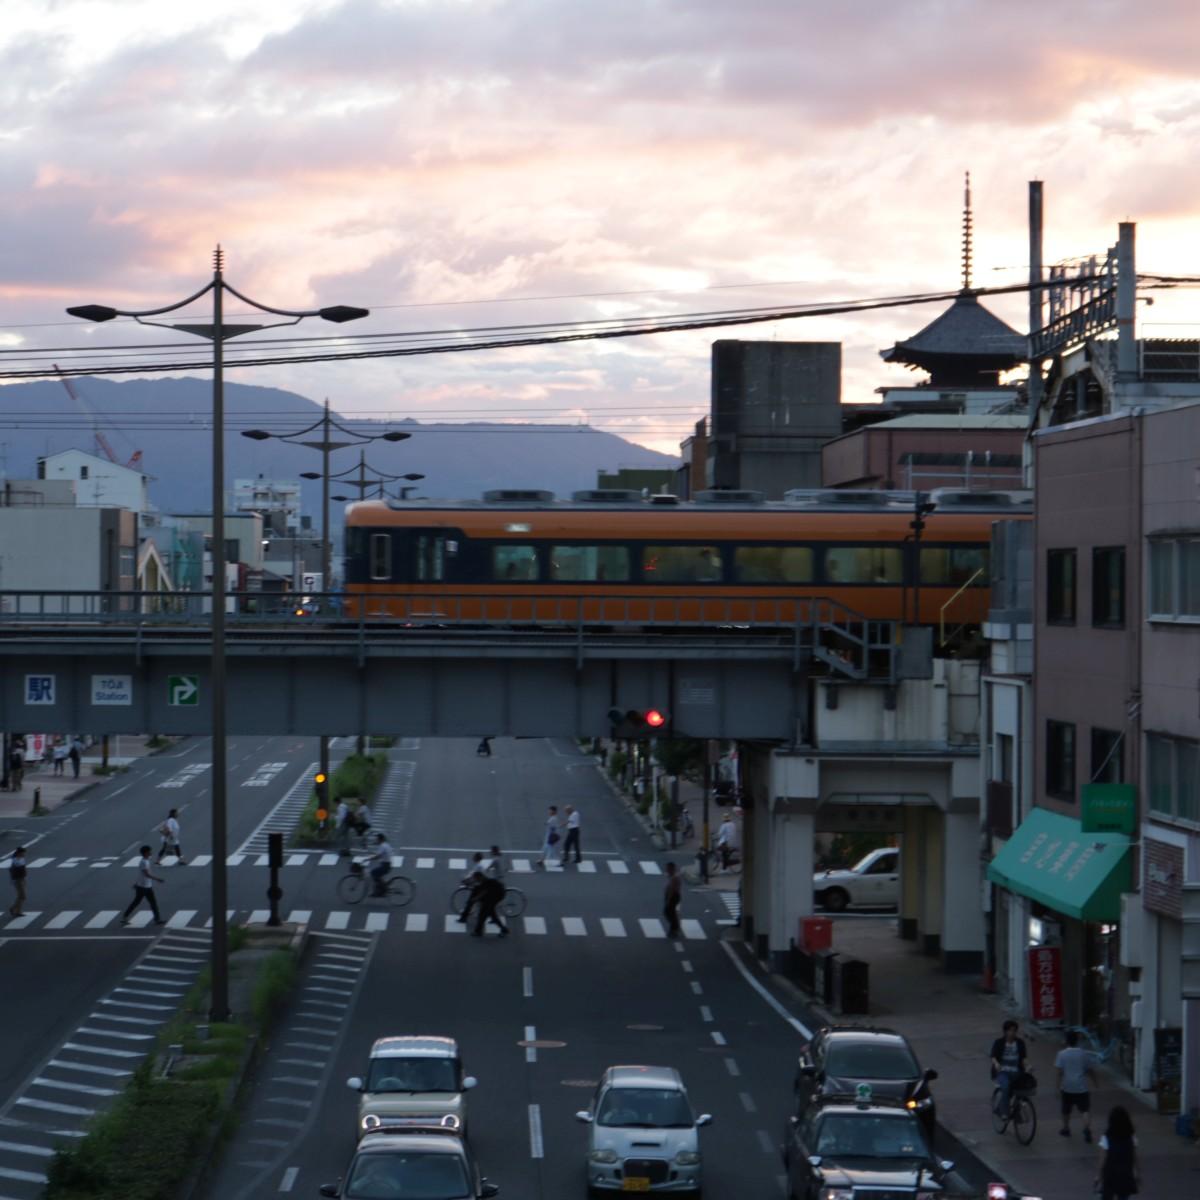 阪急烏丸駅から烏丸御池駅まで、意地でも電車乗りたくない ...